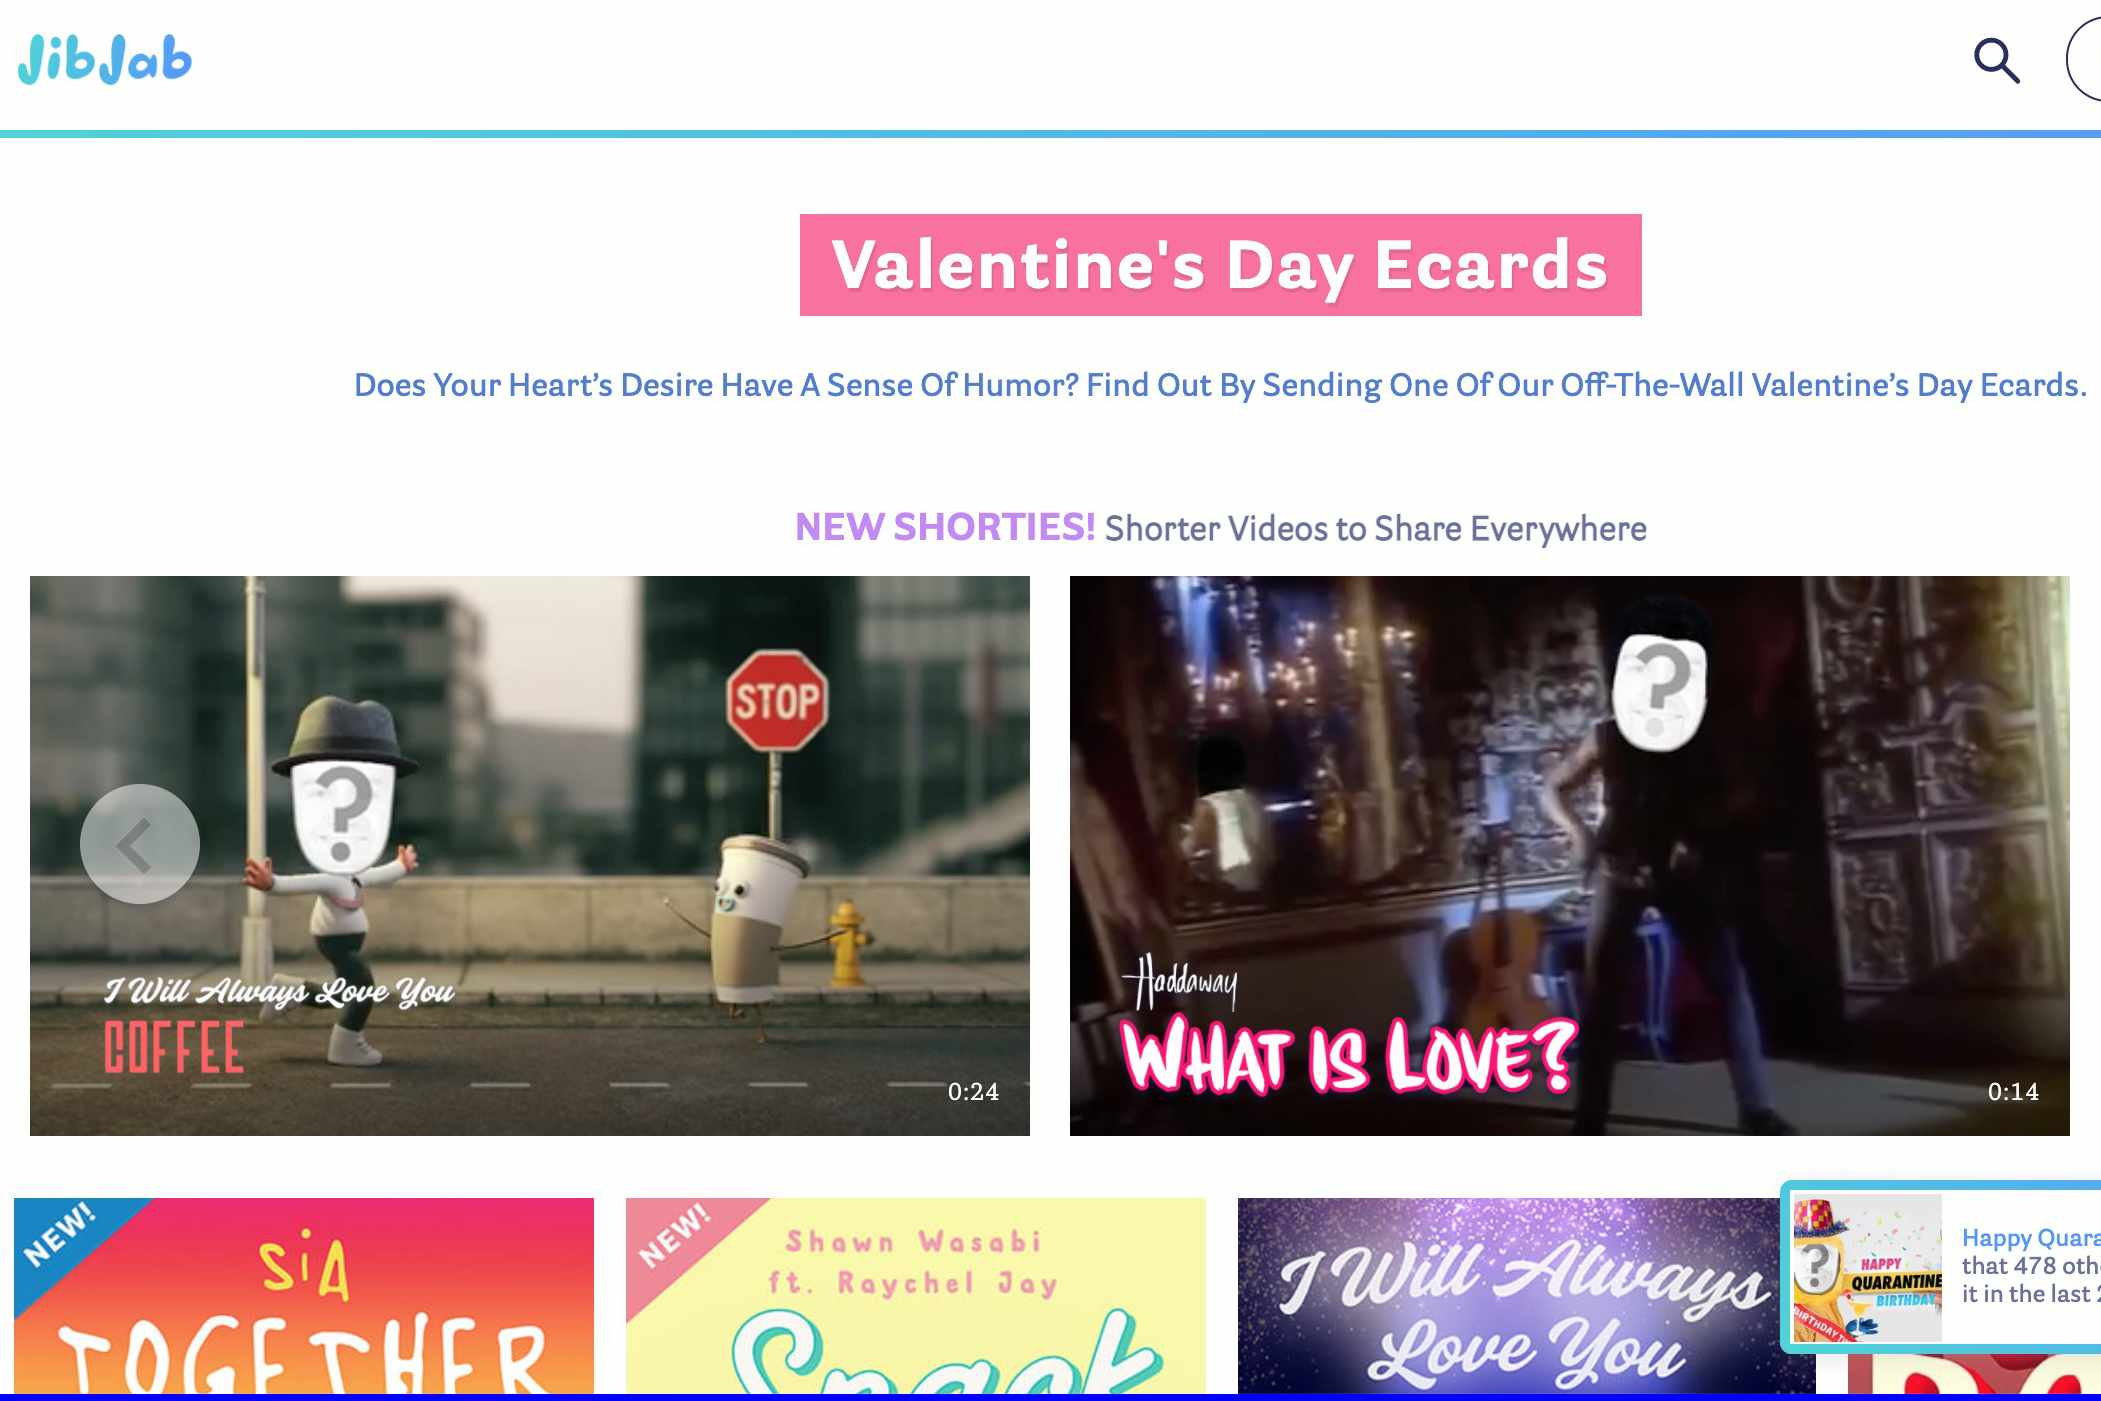 Jib Jab Valentine's Day Ecards